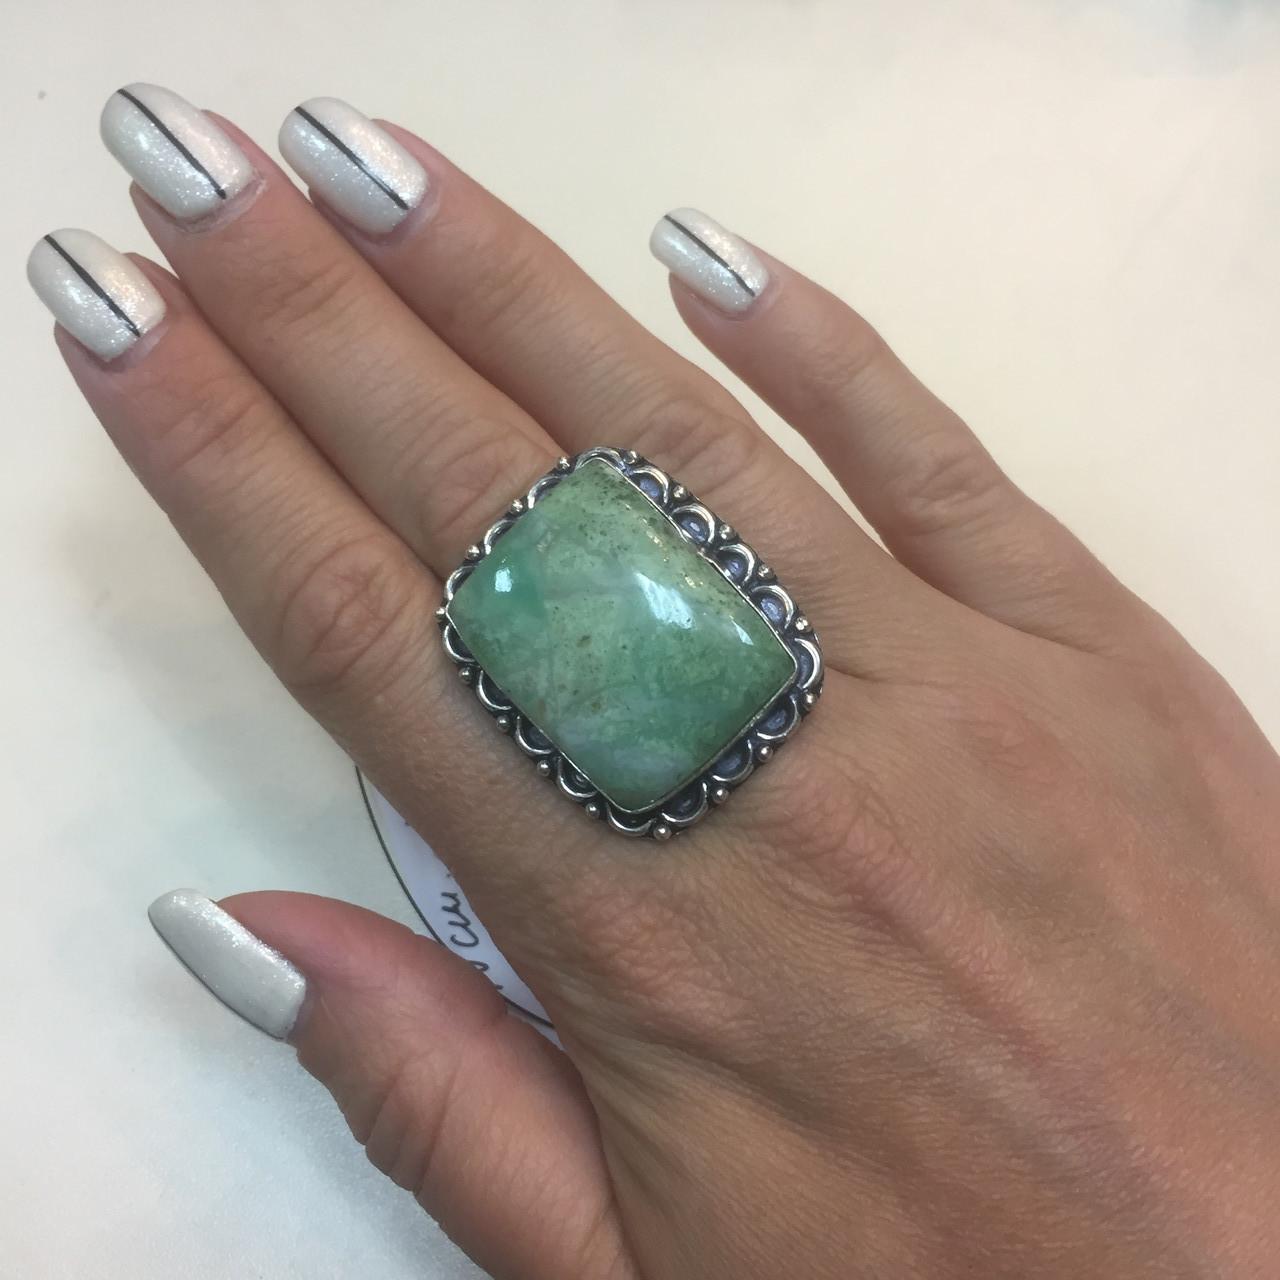 Хризопраз кольцо с хризопразом 17 размер. Кольцо природный хризопраз в серебре Индия